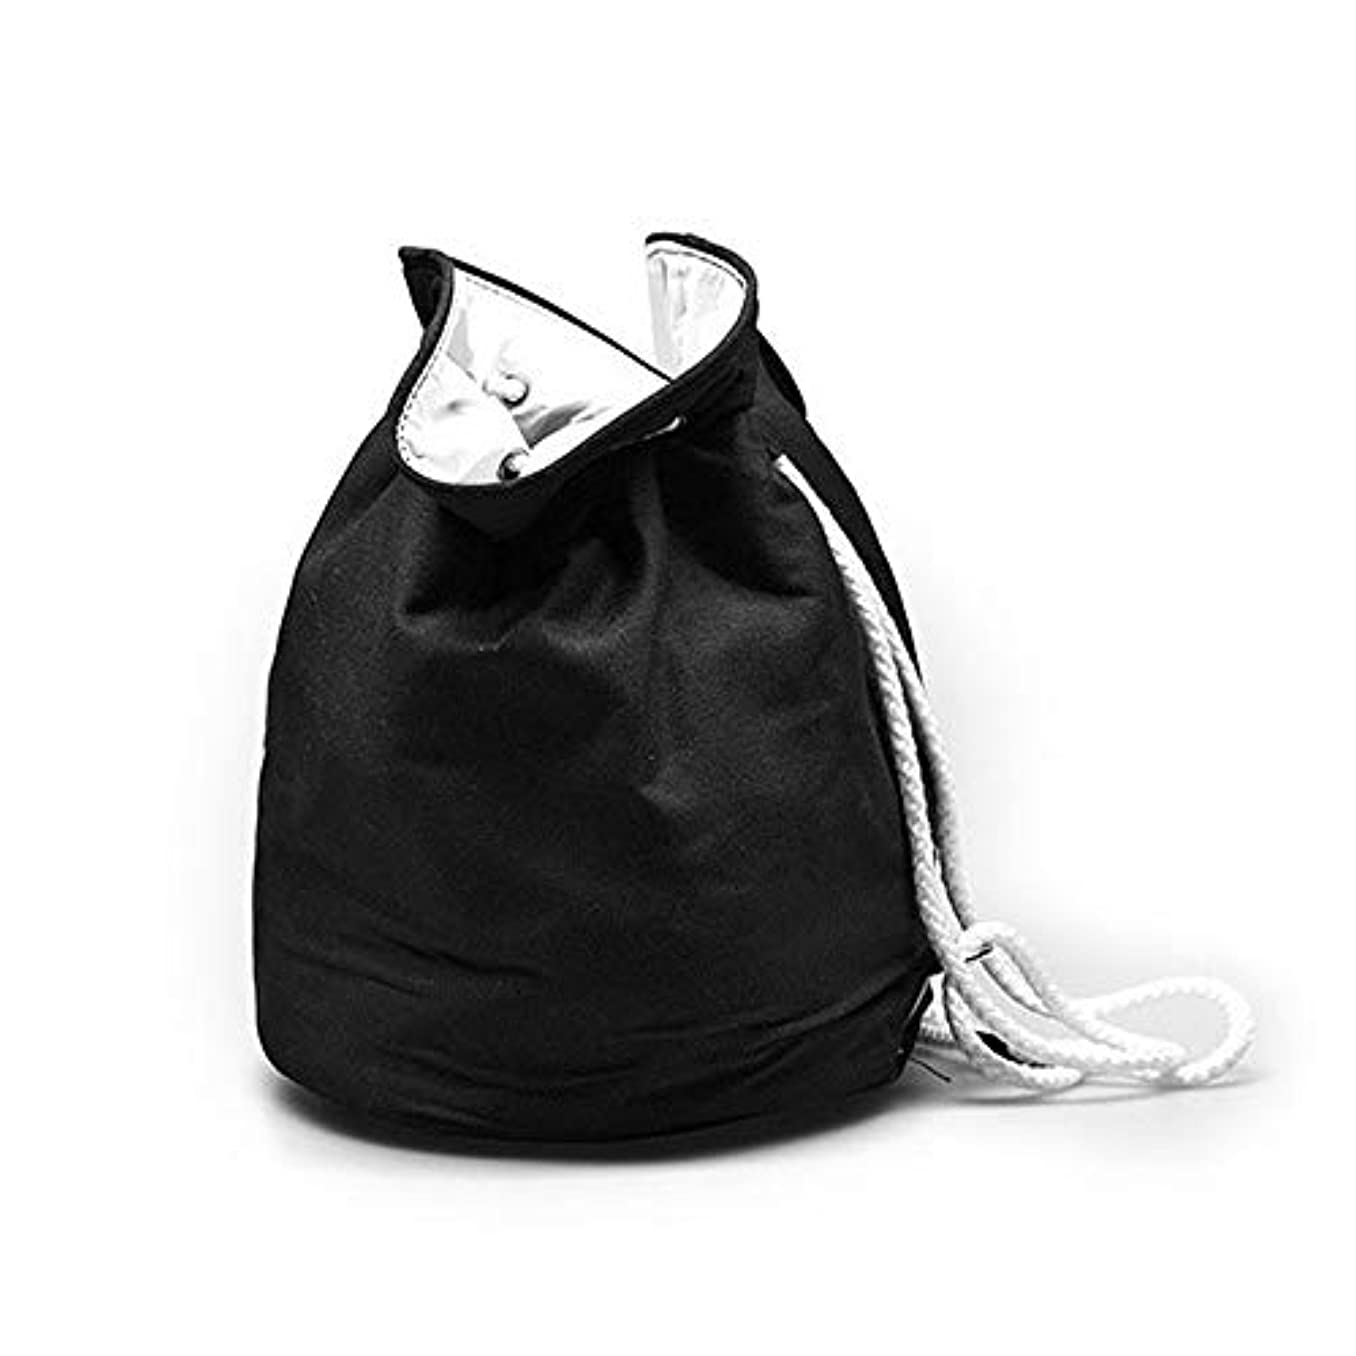 モールジャンプ魔術化粧オーガナイザーバッグ ポータブル巾着収納バッグ用化粧品化粧ブラシプロの旅行化粧バッグ旅行アクセサリー大容量防水ウォッシュバッグ 化粧品ケース (色 : ブラック, サイズ : 35x28cm)